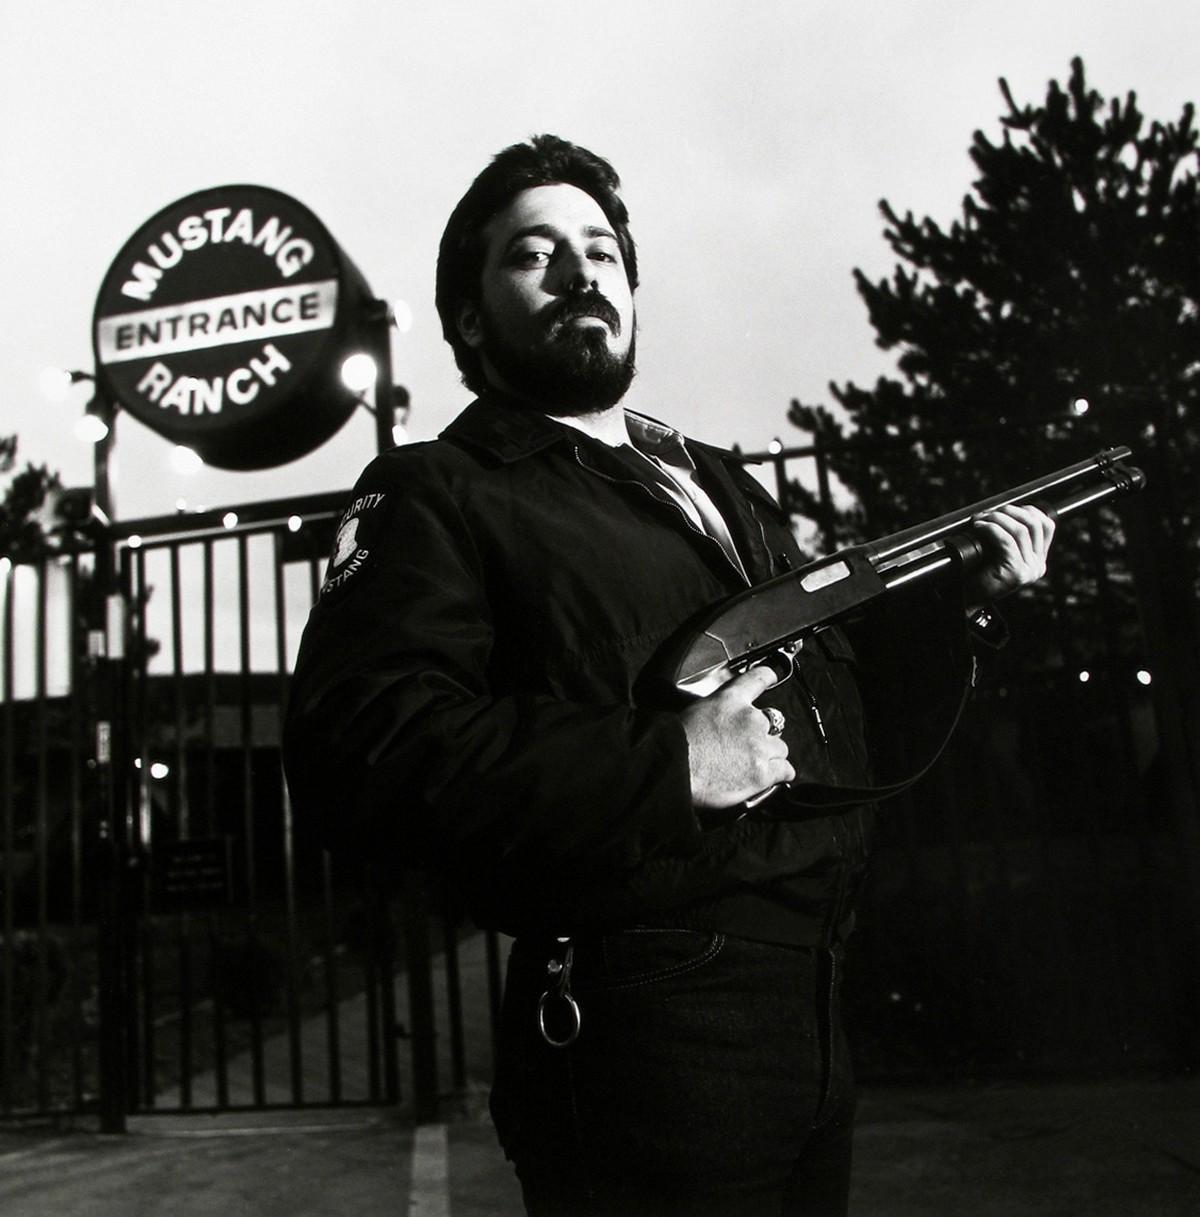 Первый легальный бордель Невады на снимках Нормана Маускопфа